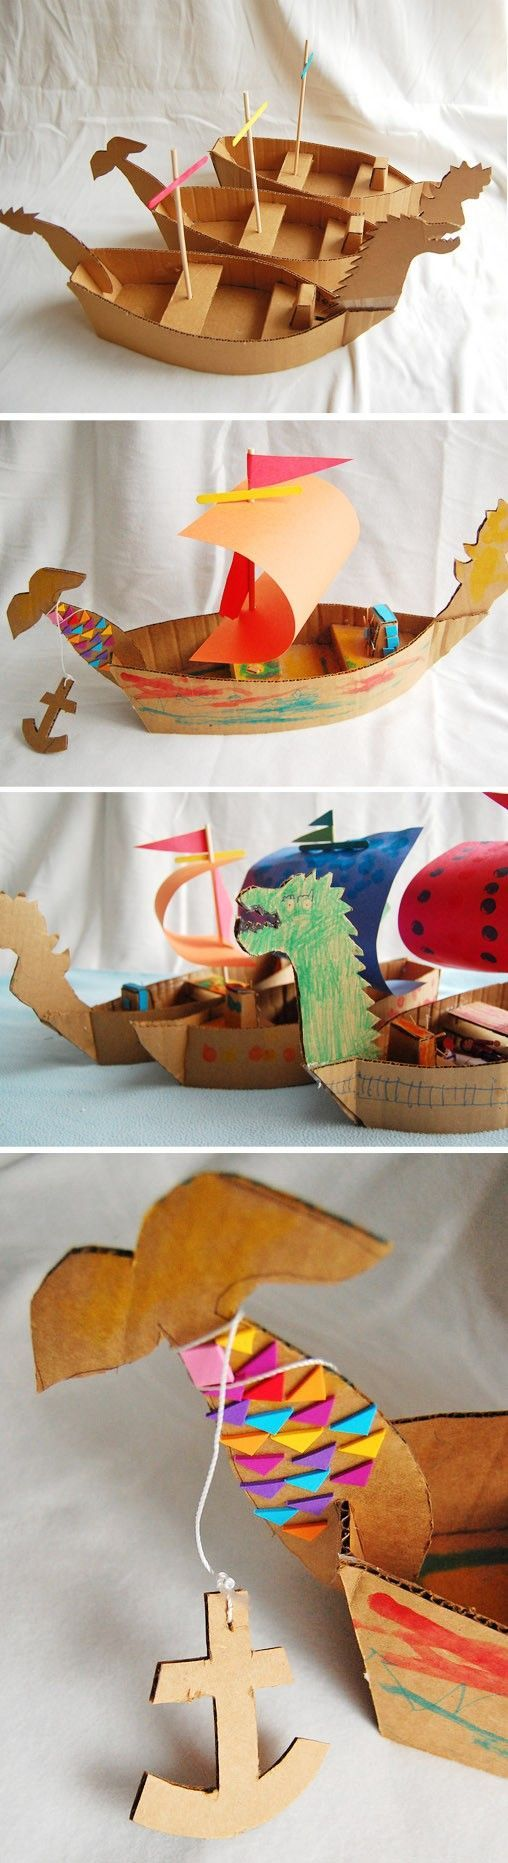 Cardboard Ships by ikatbag: Fun DIY rainy day project for kids. #DIY #Kids #Cardboard_Ships